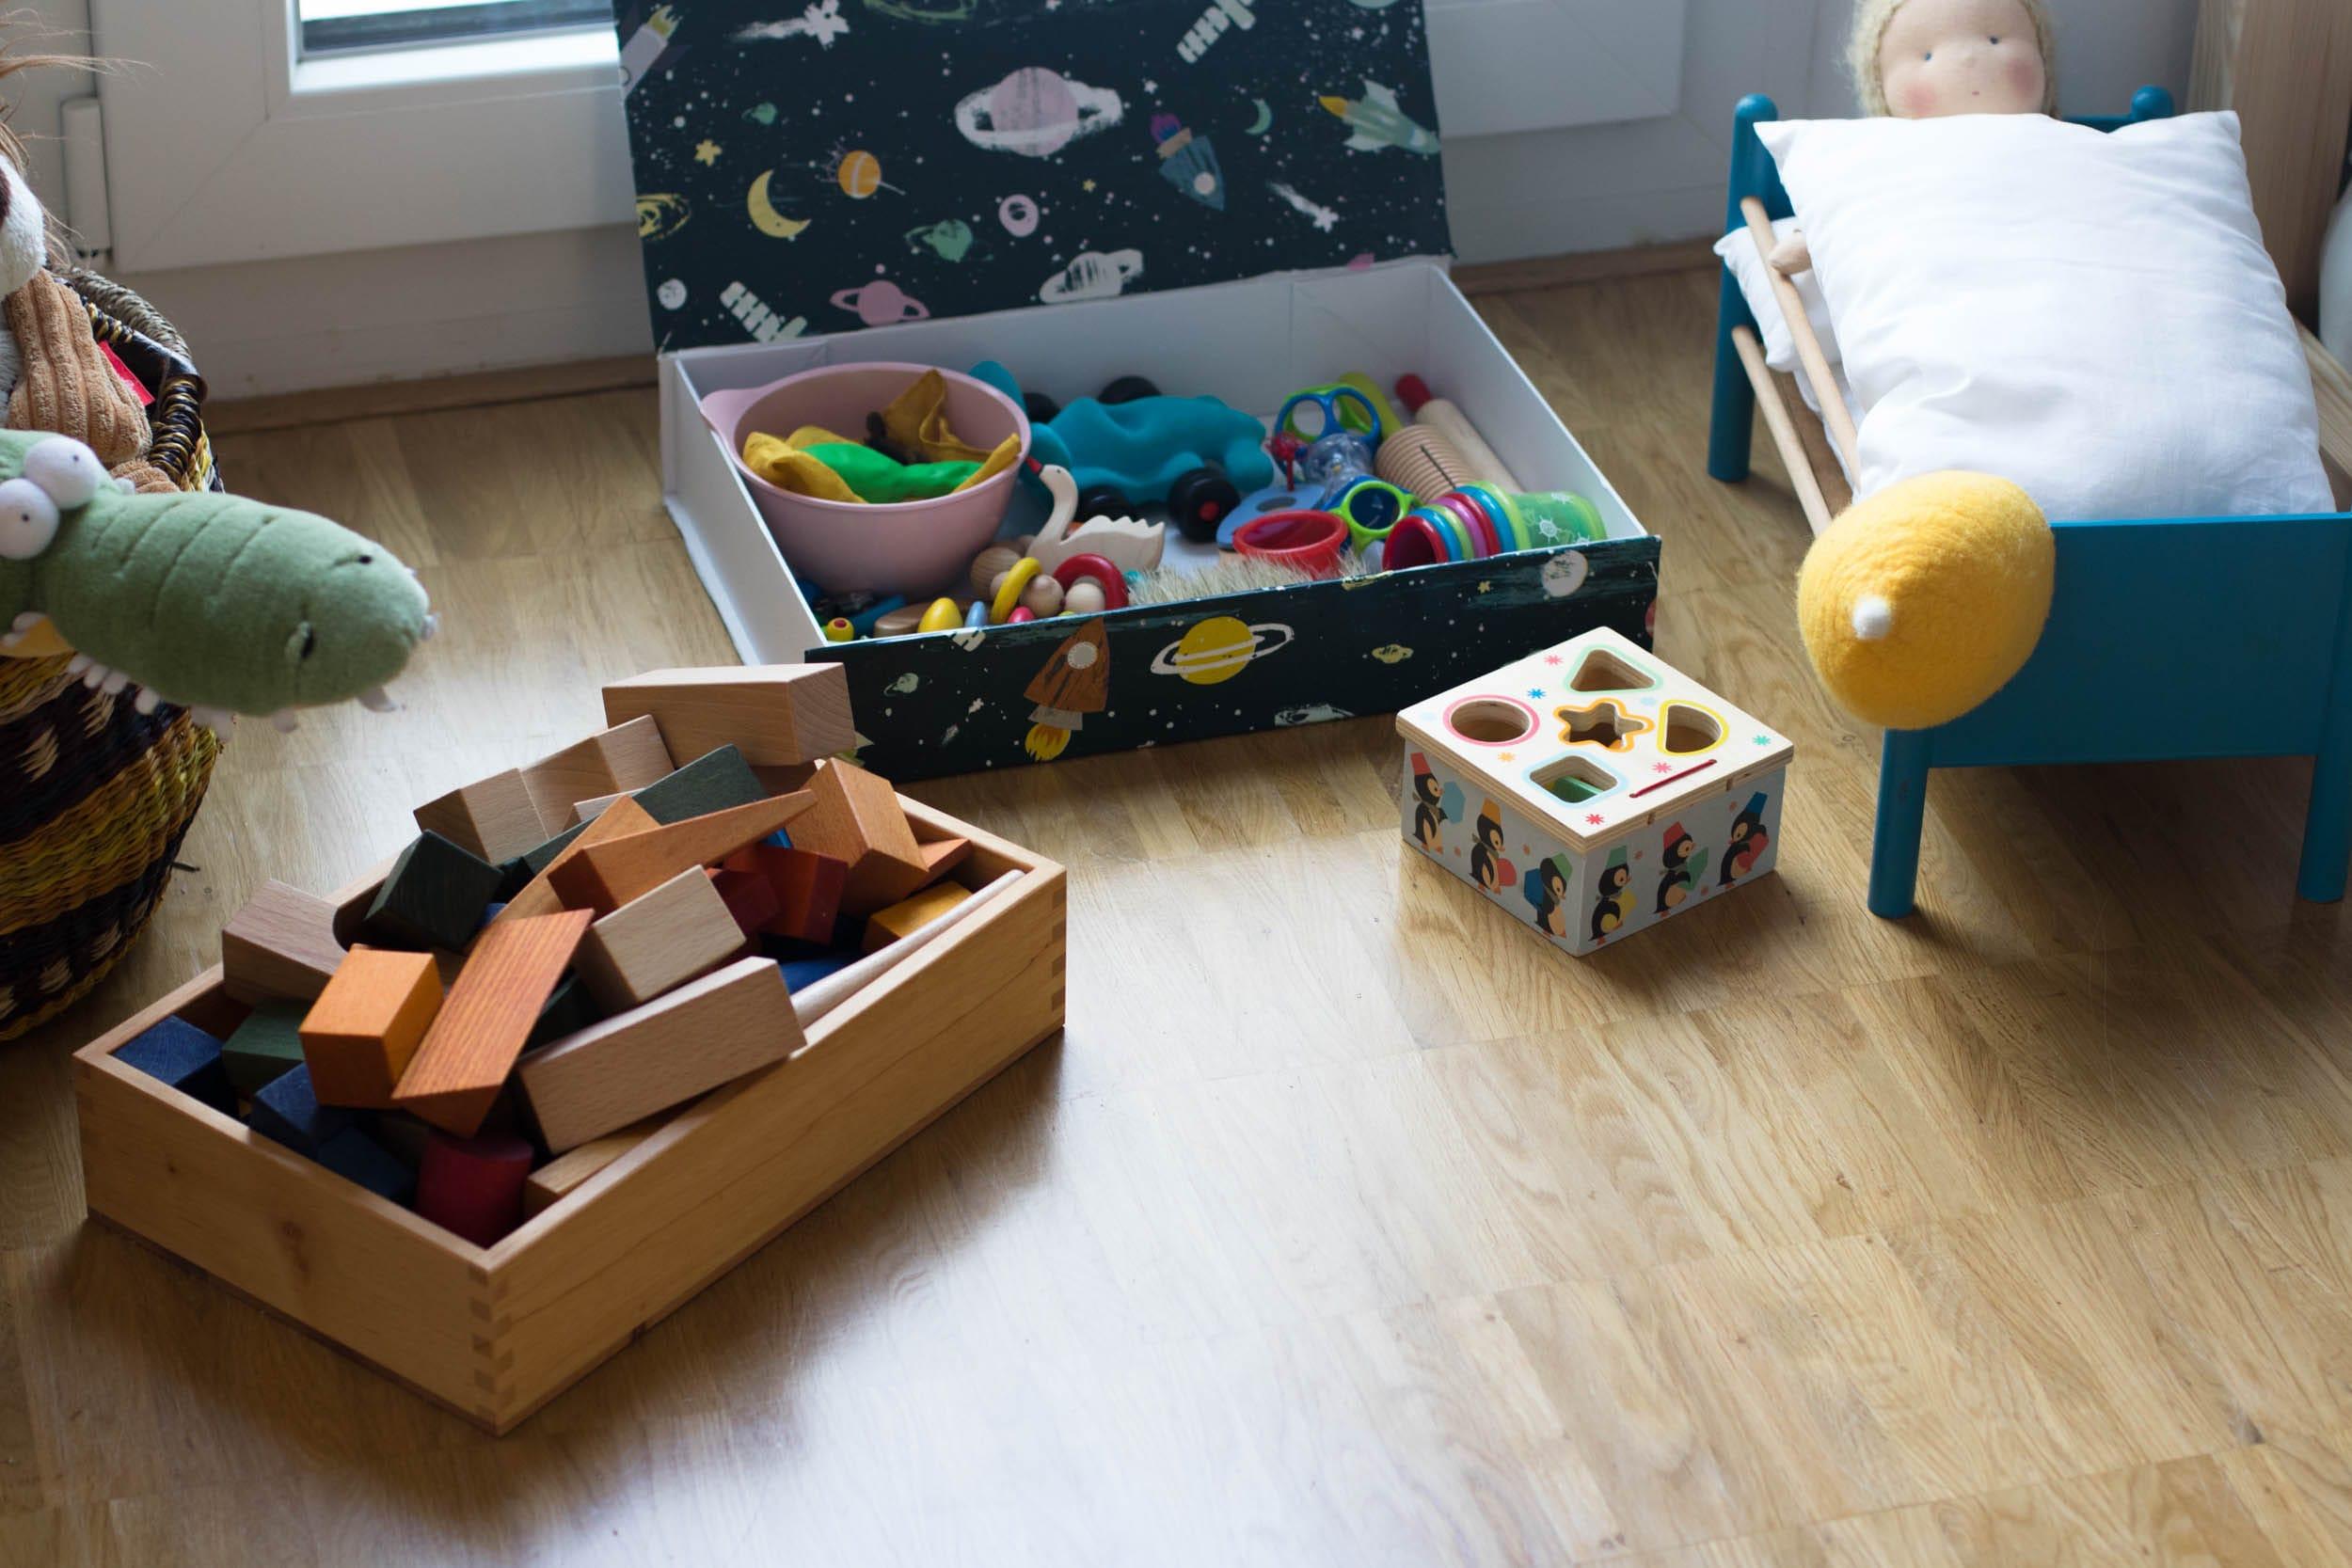 7 Tipps für mehr Ordnung mit Kleinkind | Kinderzimmer | Spielsachen | Spielzimmer | Minimalismus | ivy.li